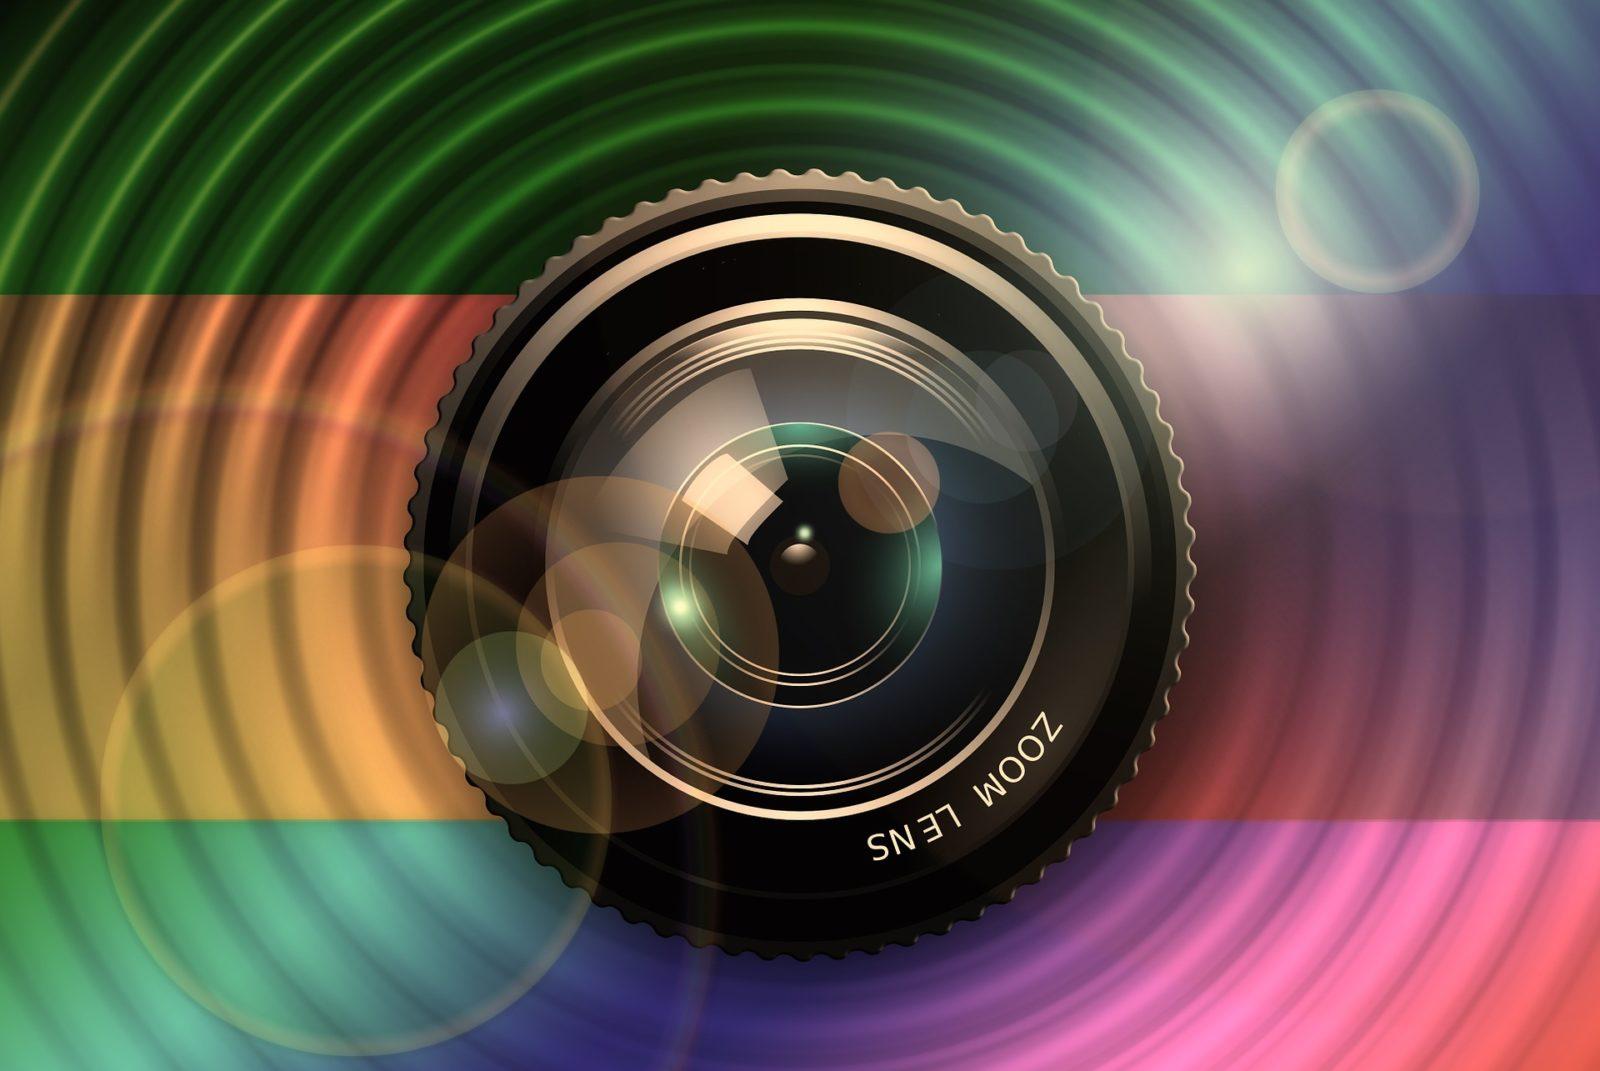 Les banques d'images gratuites : bonne ou mauvaise astuce ?